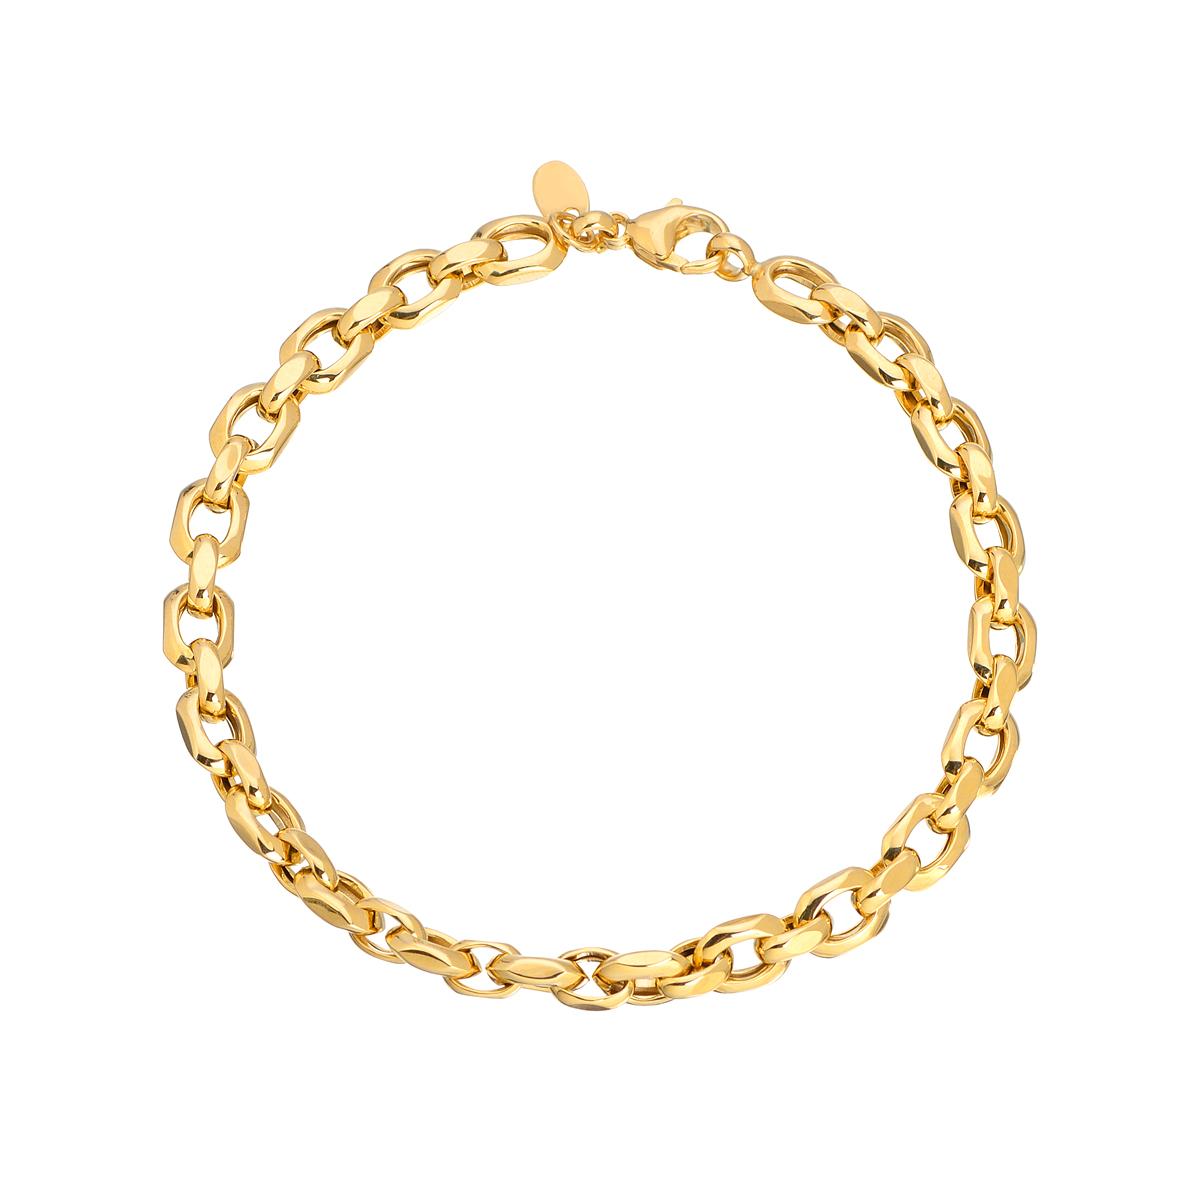 χρυσο βραχιολι χοντρη αλυσιδα